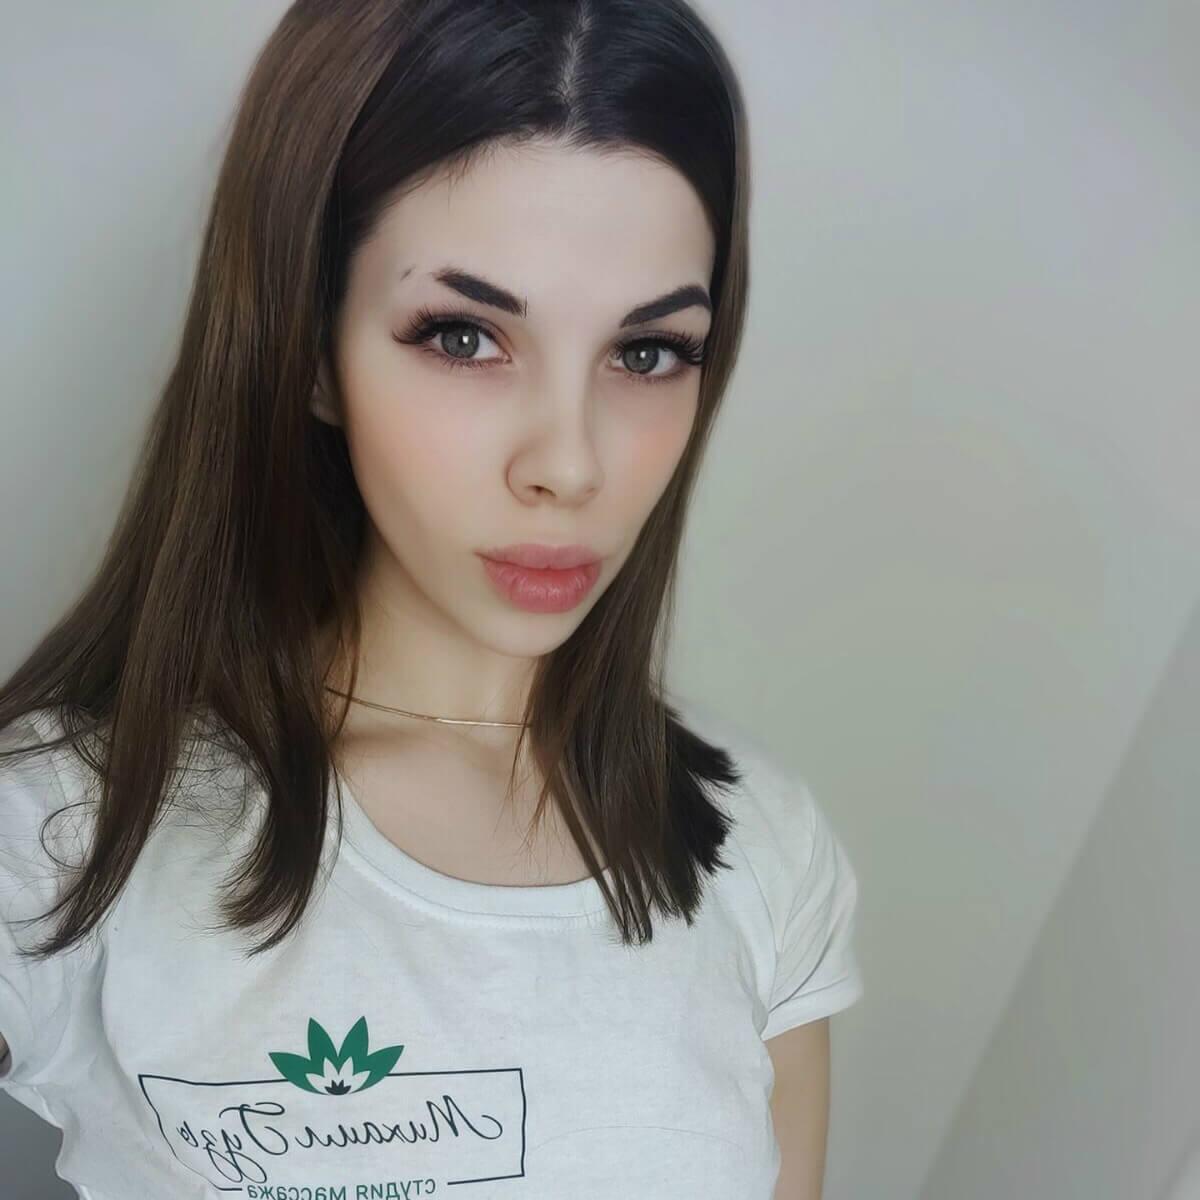 массажистка киева Алена, студия михаила Гузь